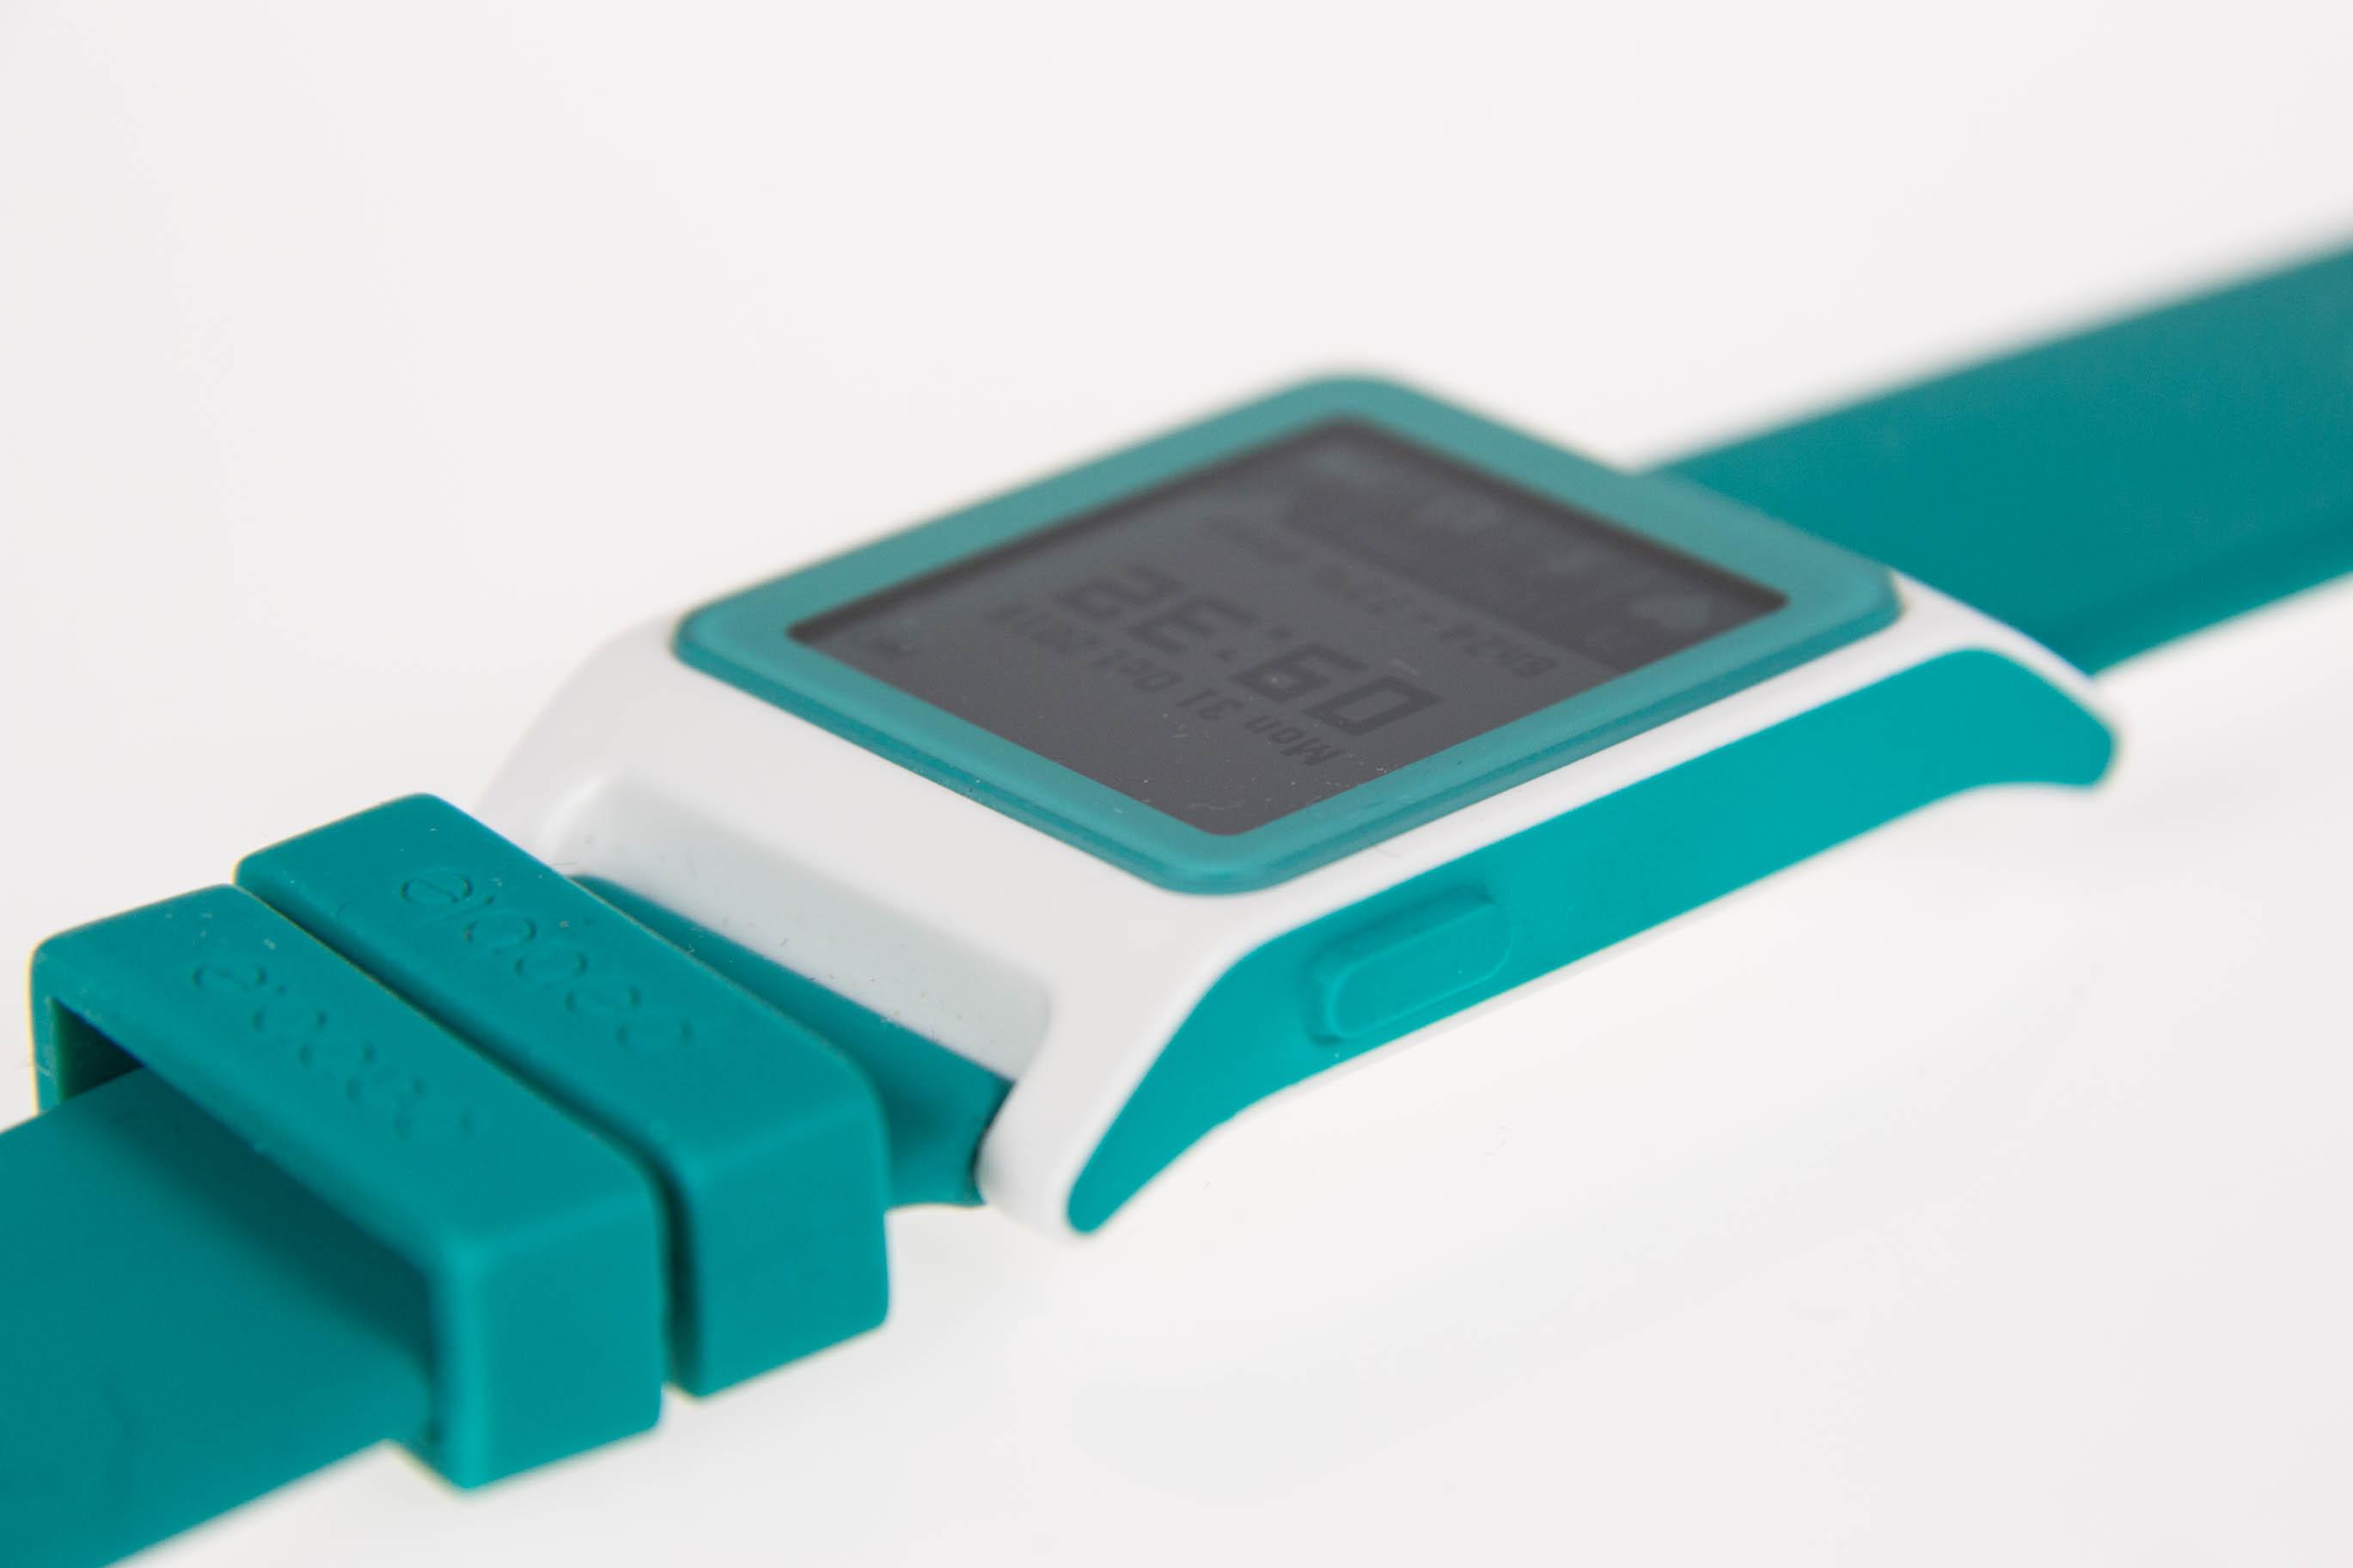 Pebble 2 im Test: Die Always-on-Smartwatch mit Charme - Die Bedienung erfolgt weiterhin ... (Bild: Martin Wolf/Golem.de)